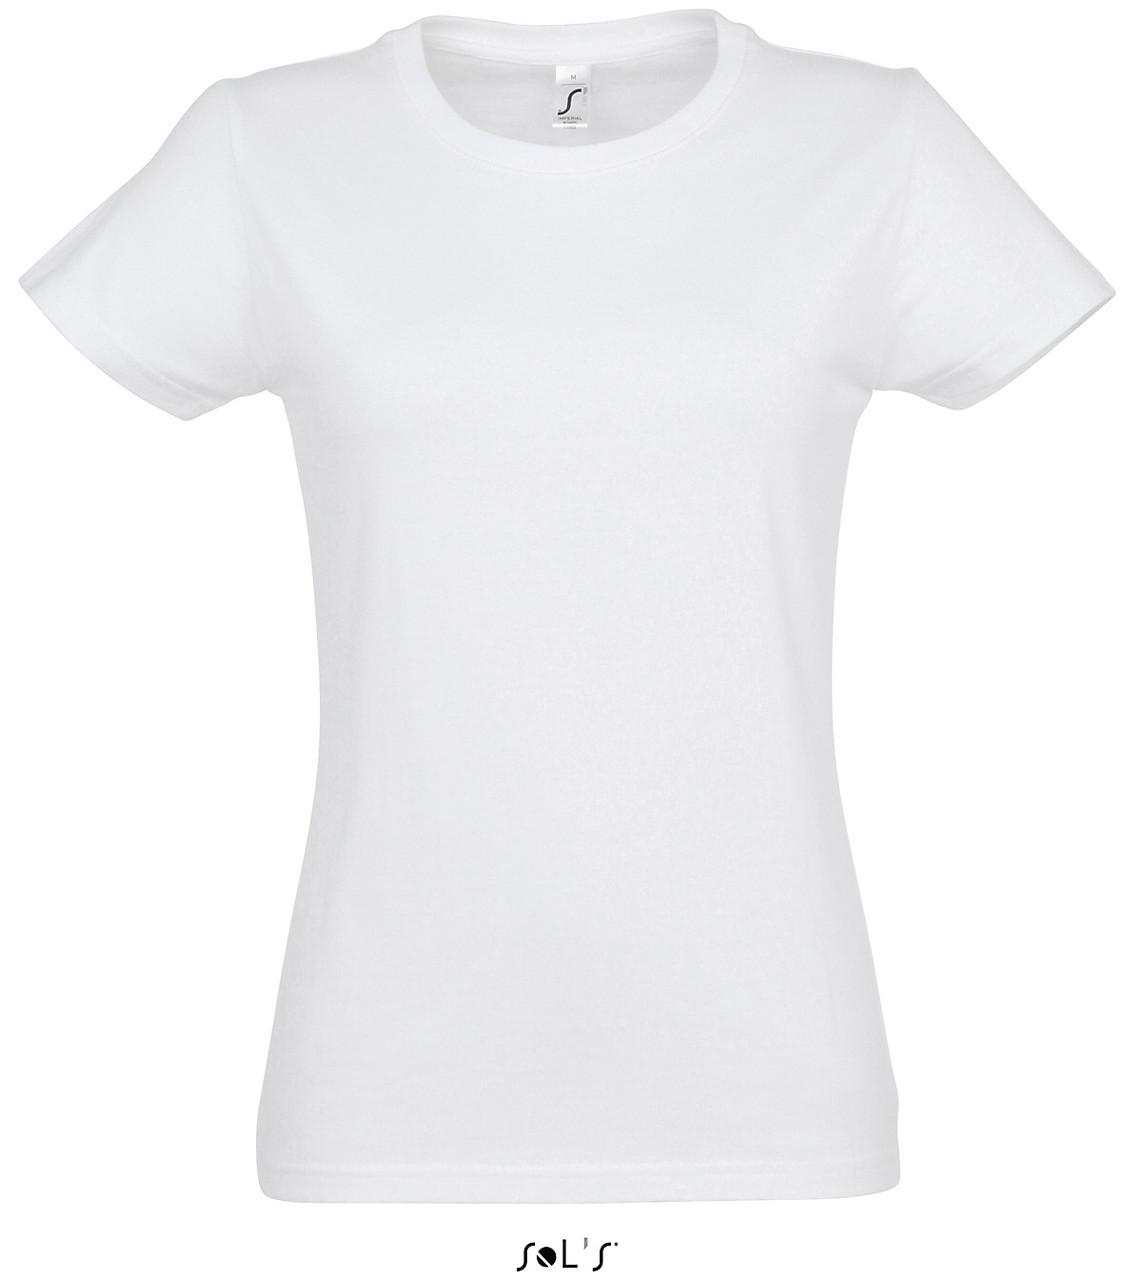 Футболка Imperial, женская, цвет белый, размер XL